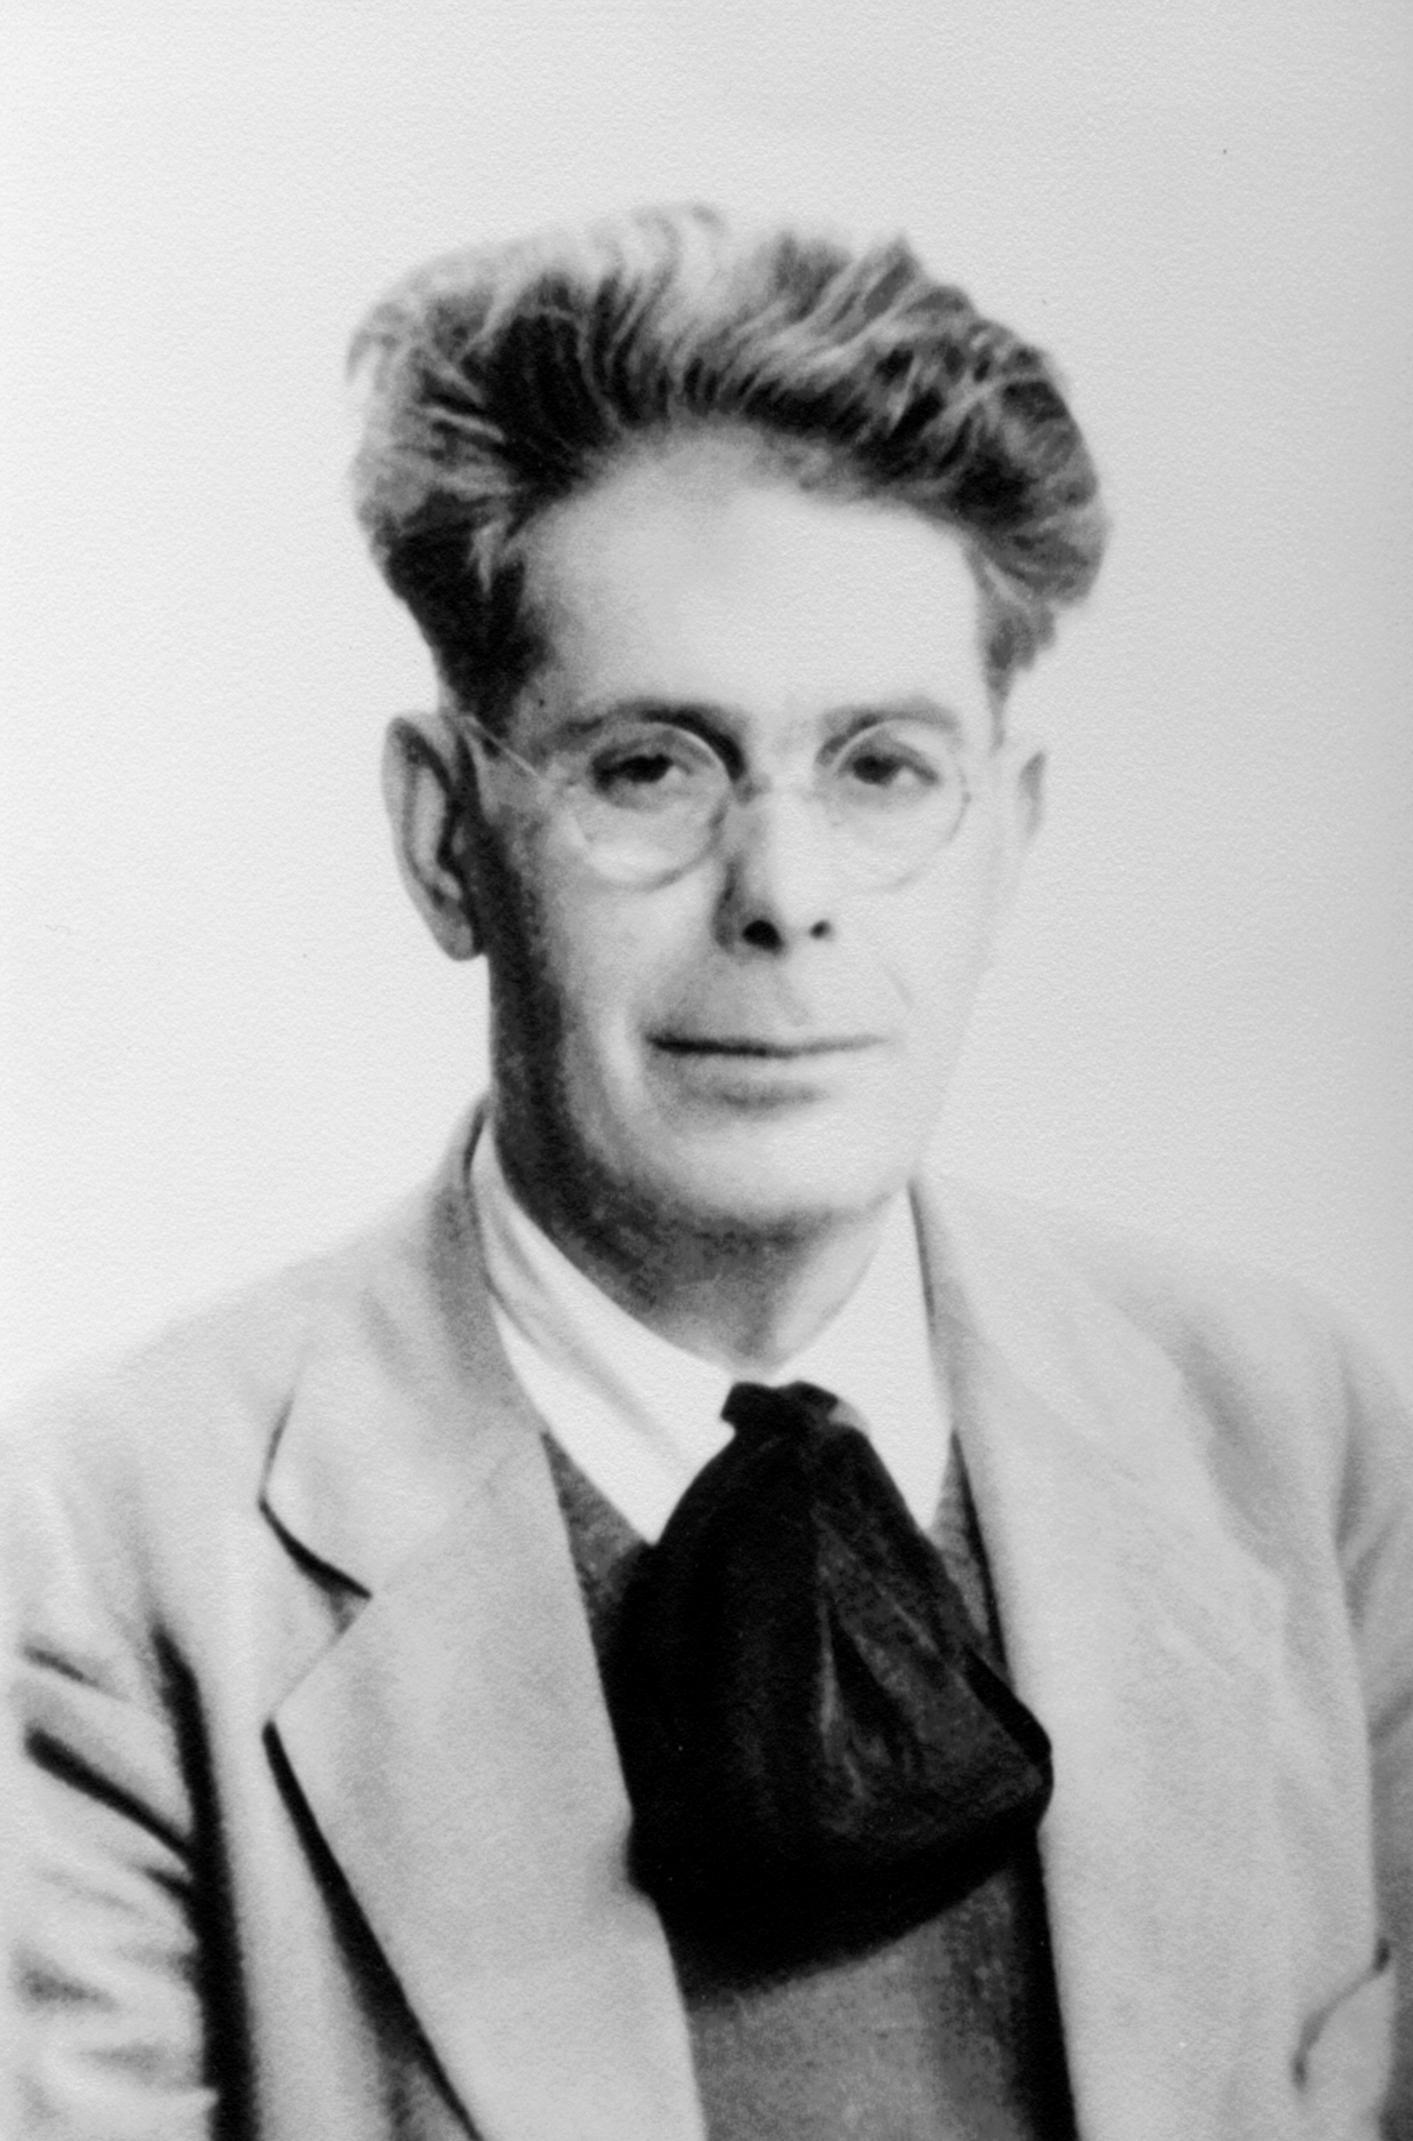 Pasquale Fancello